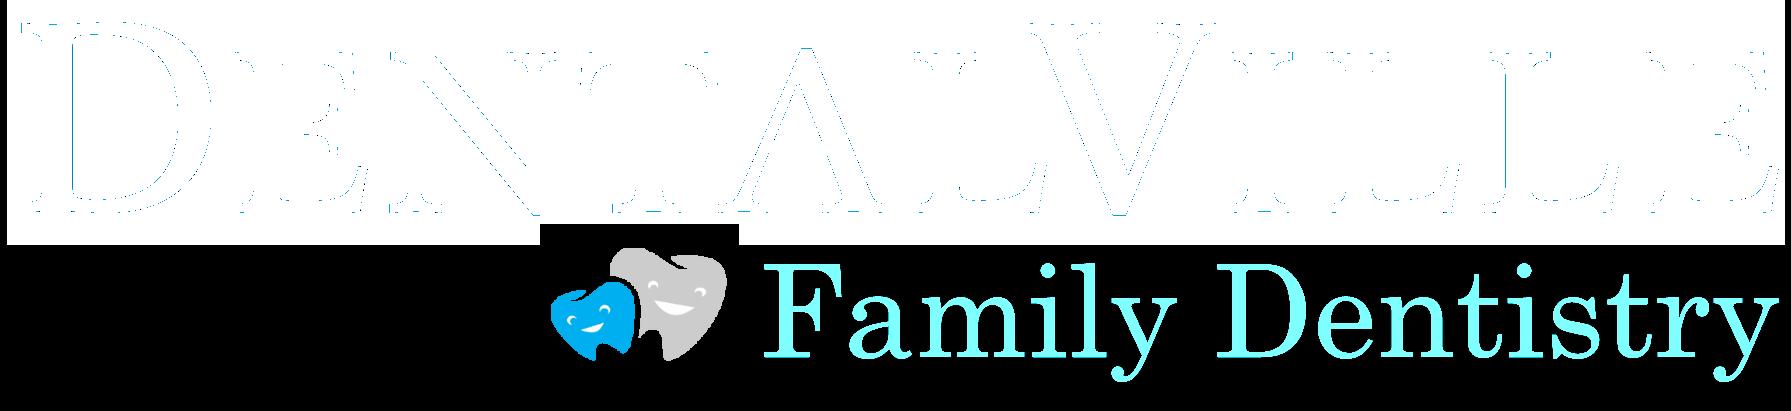 DentalVille Family Dentistry